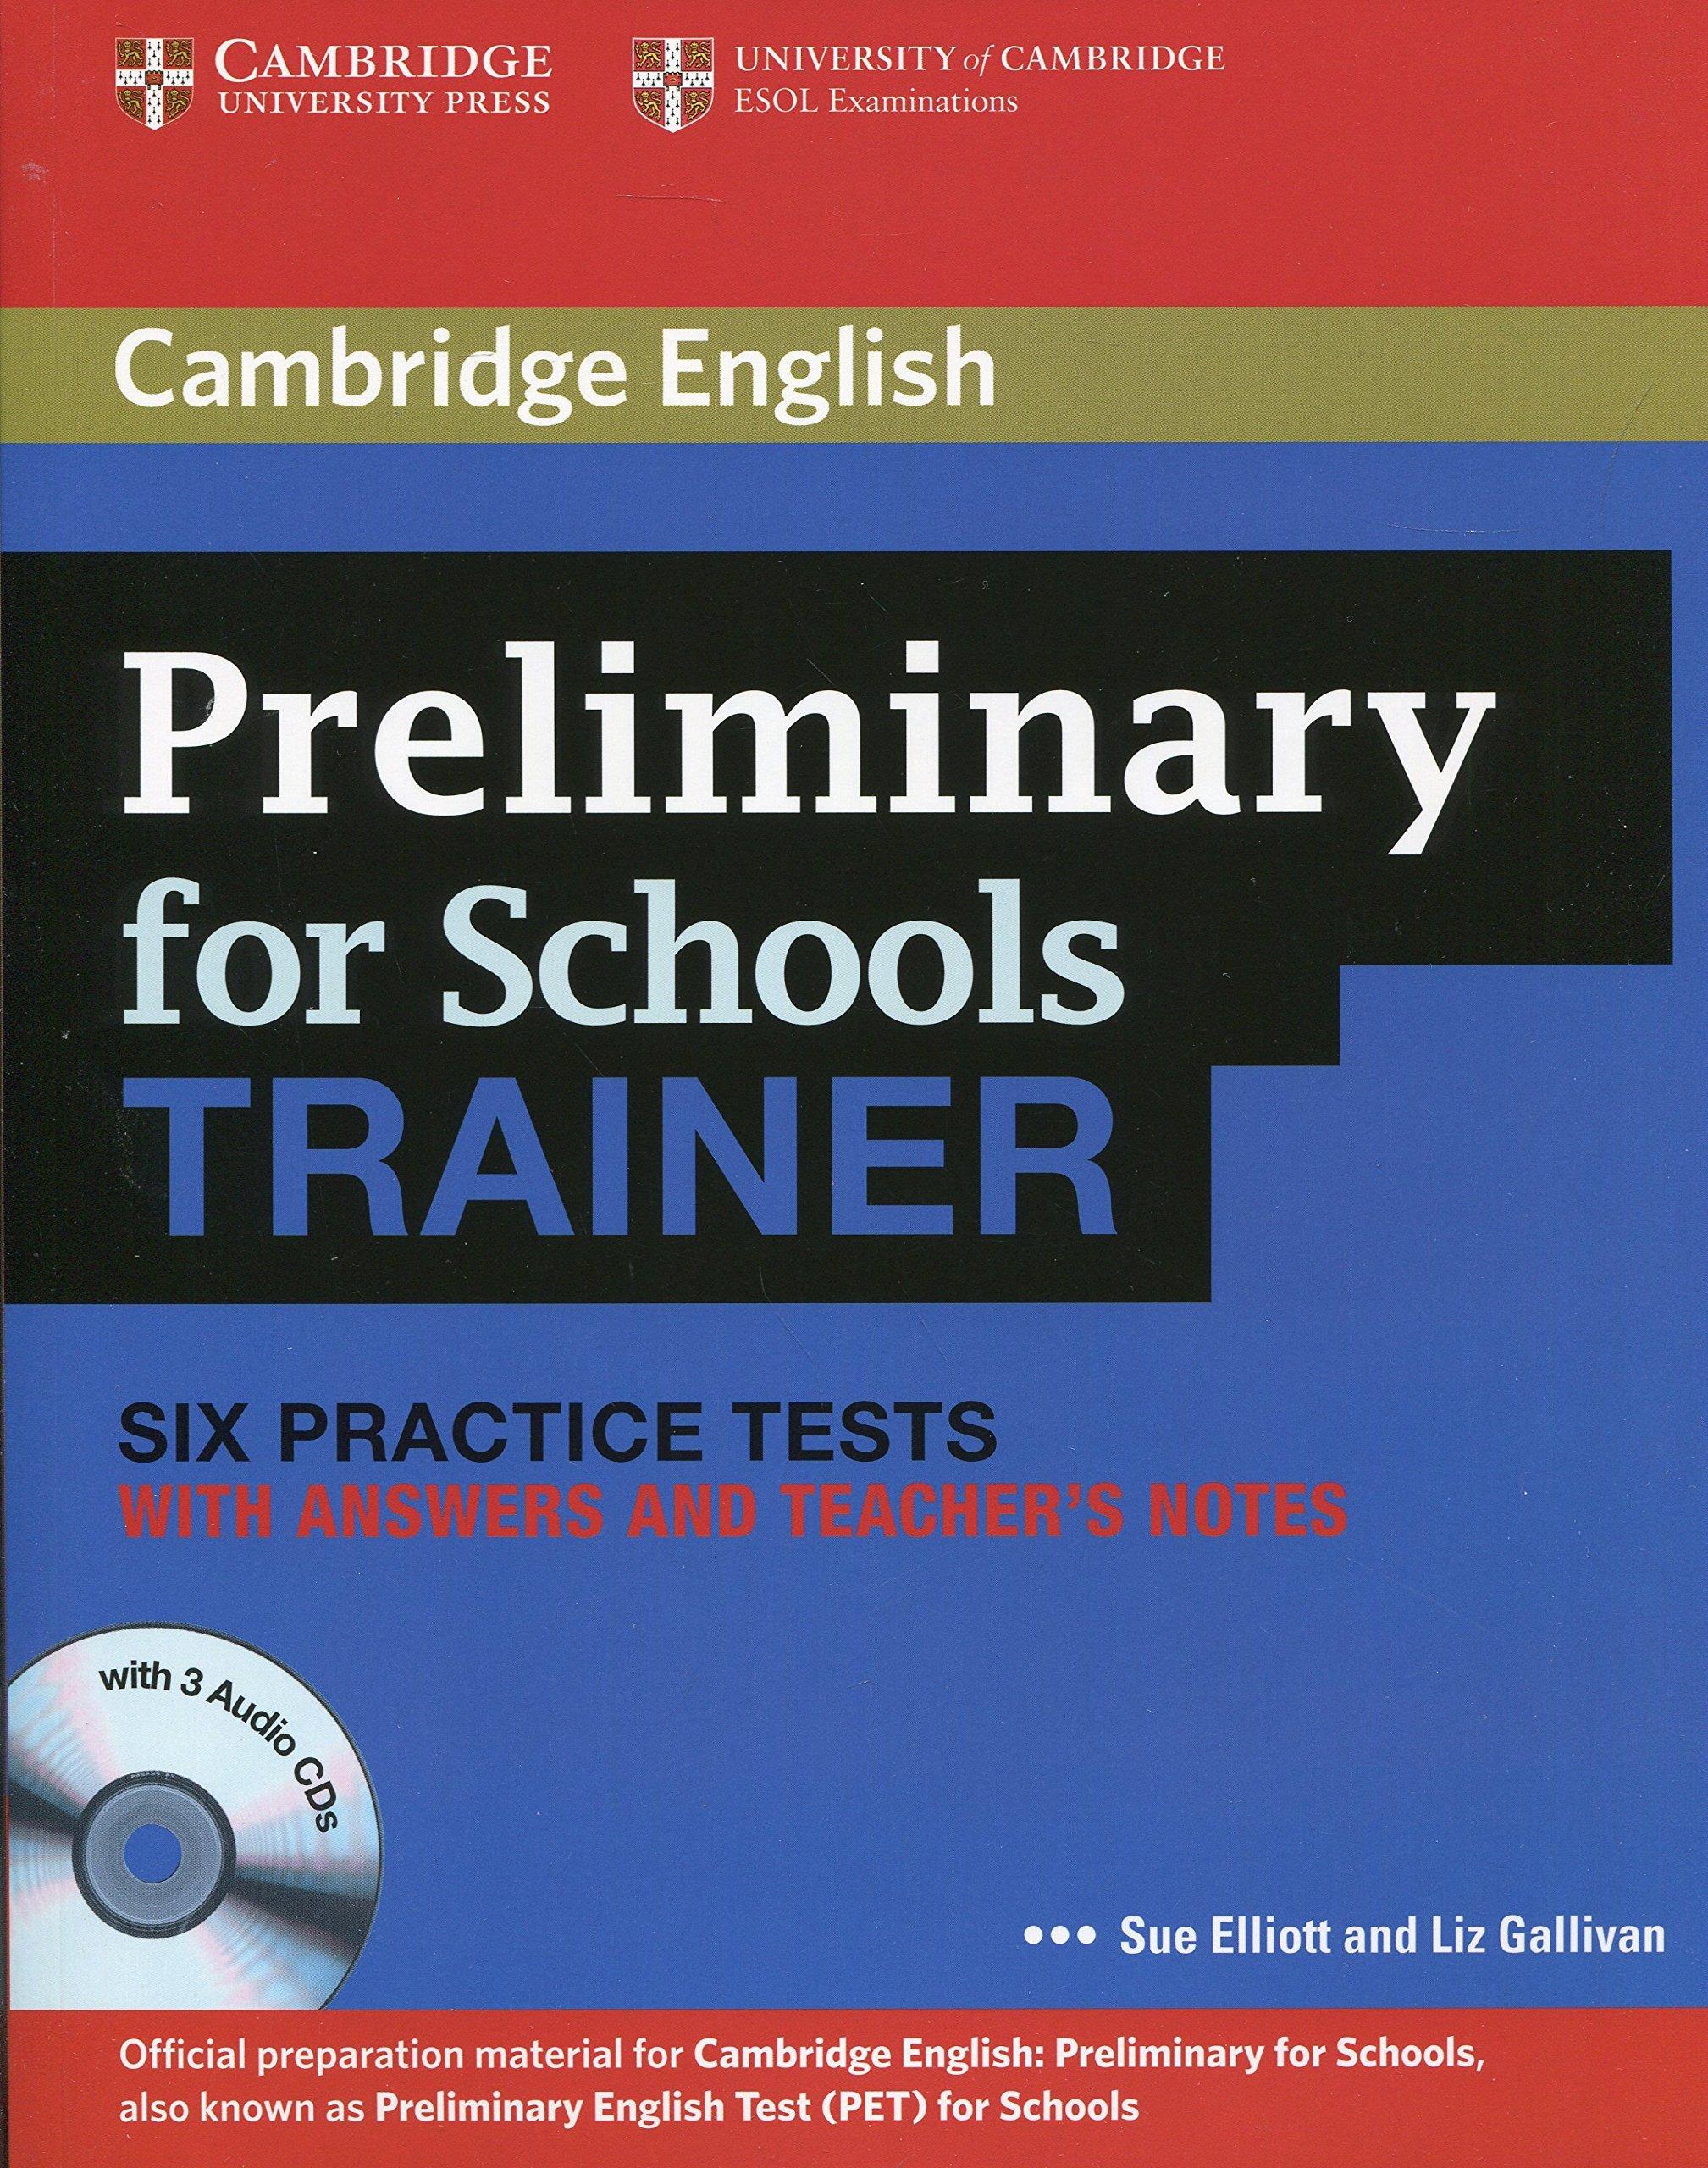 Preliminary English Test - Cambridge (full) Pdf/ Mp3